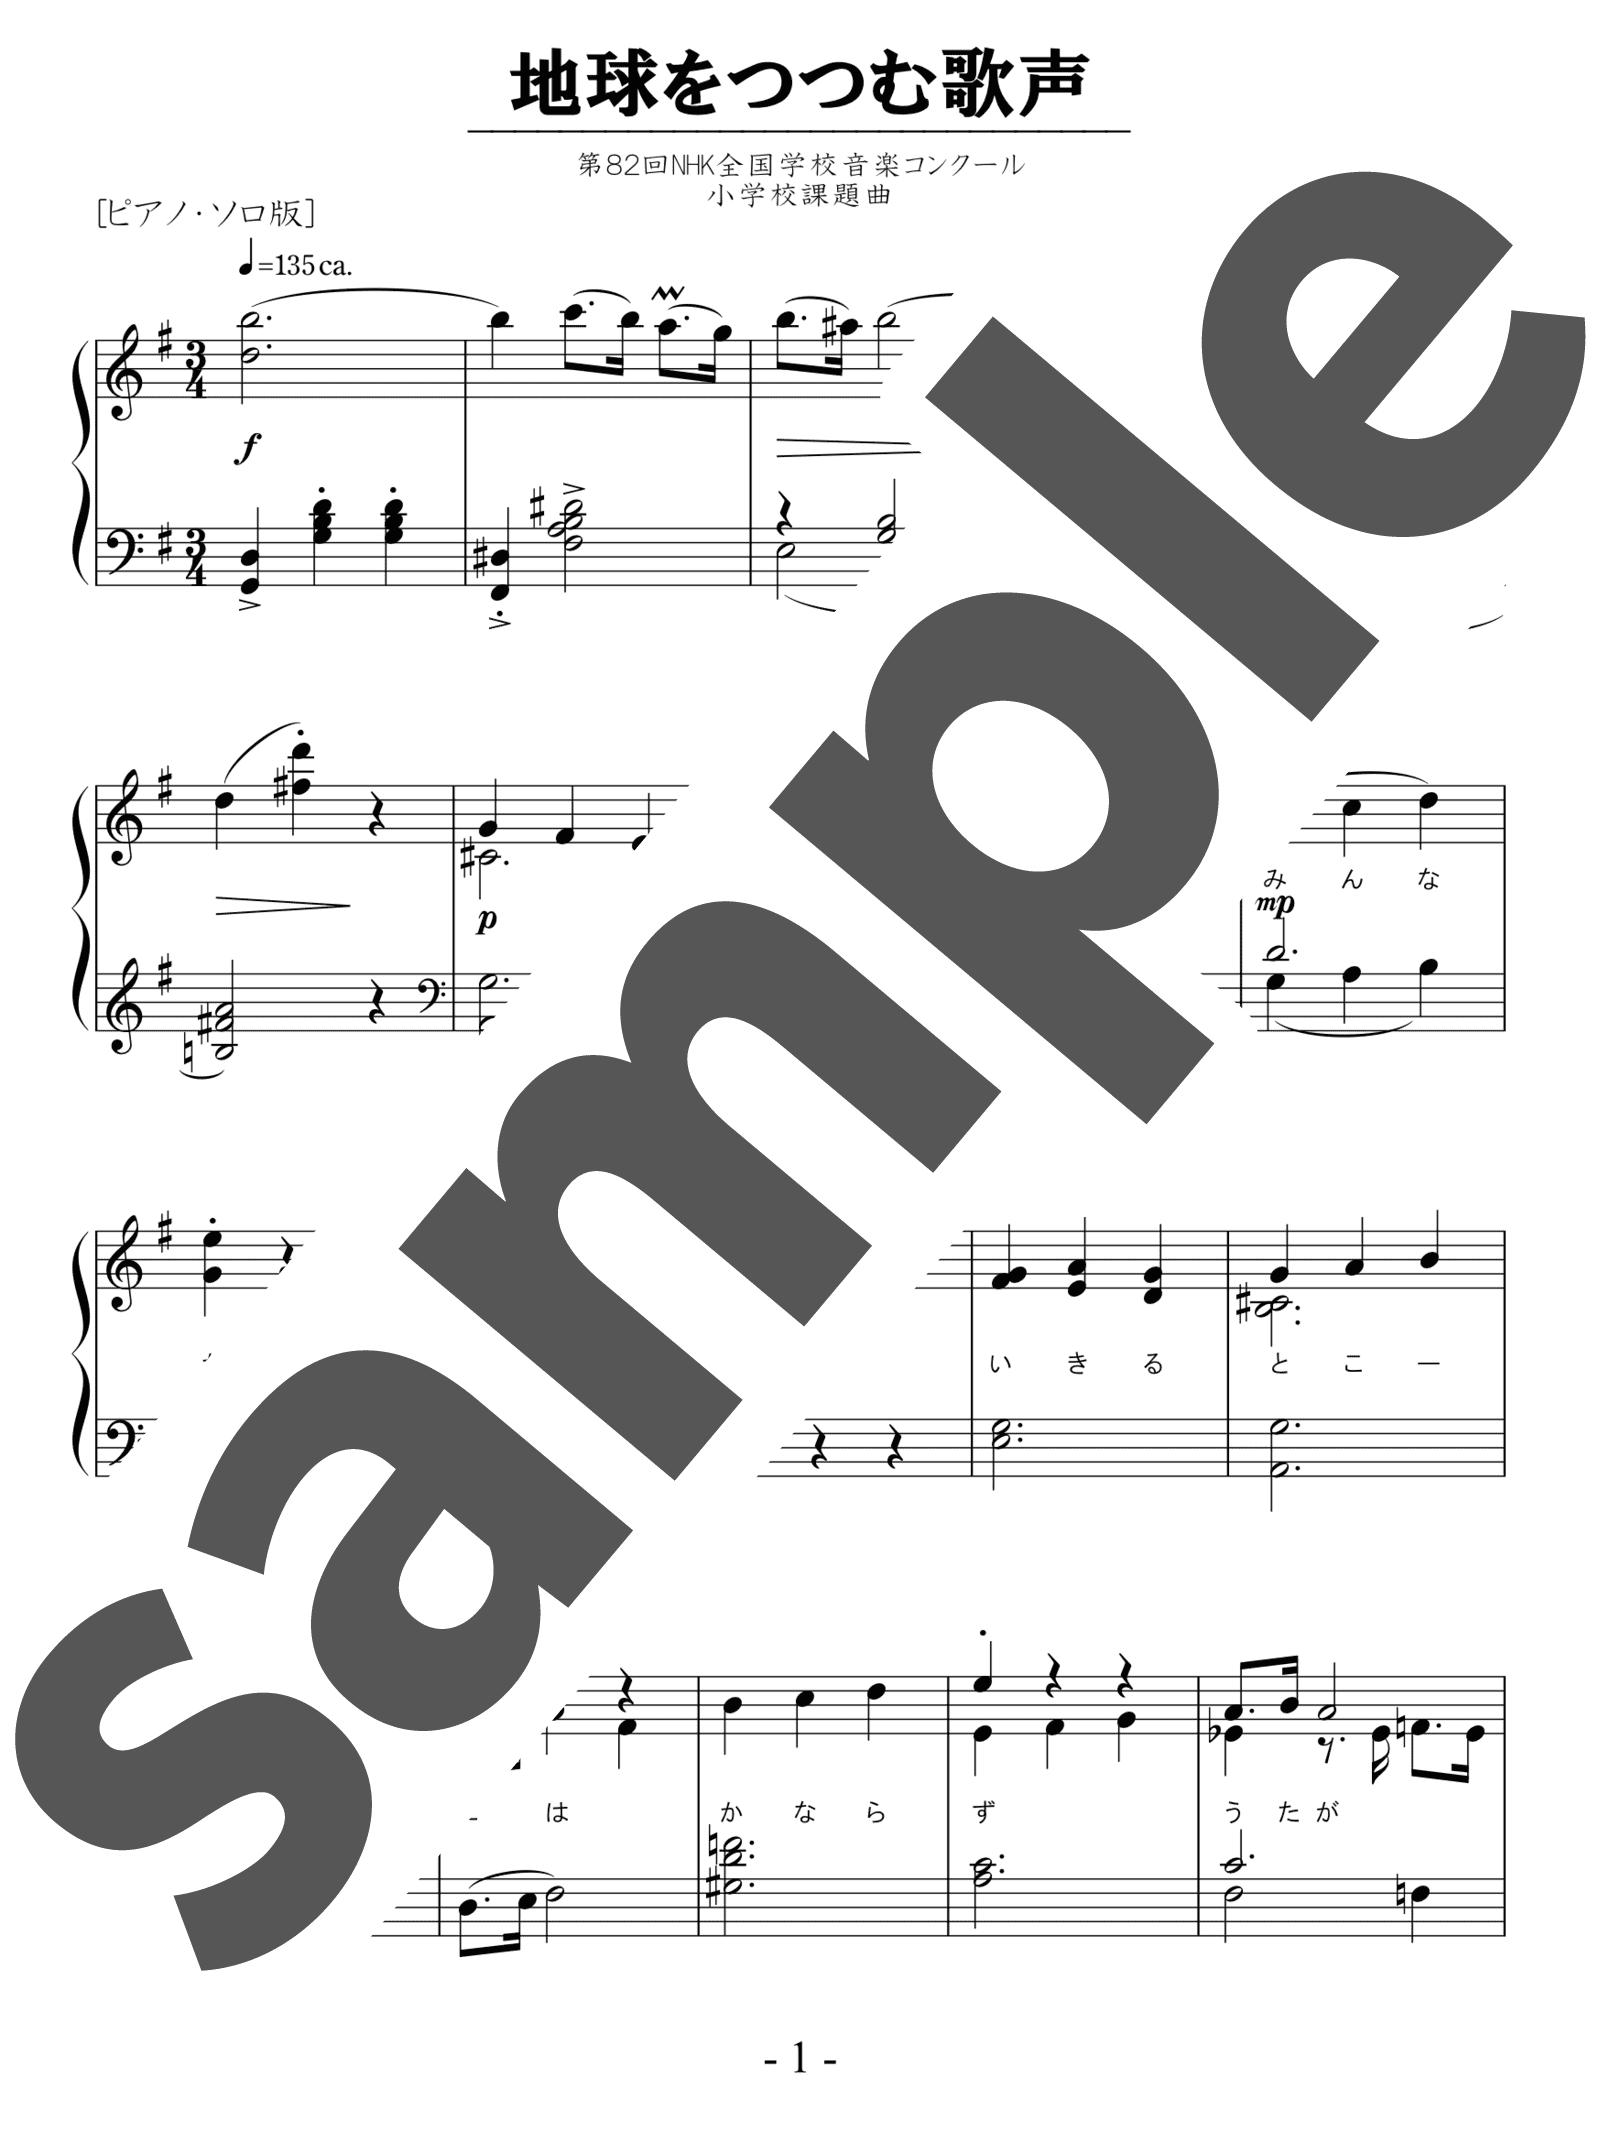 「地球をつつむ歌声」のサンプル楽譜